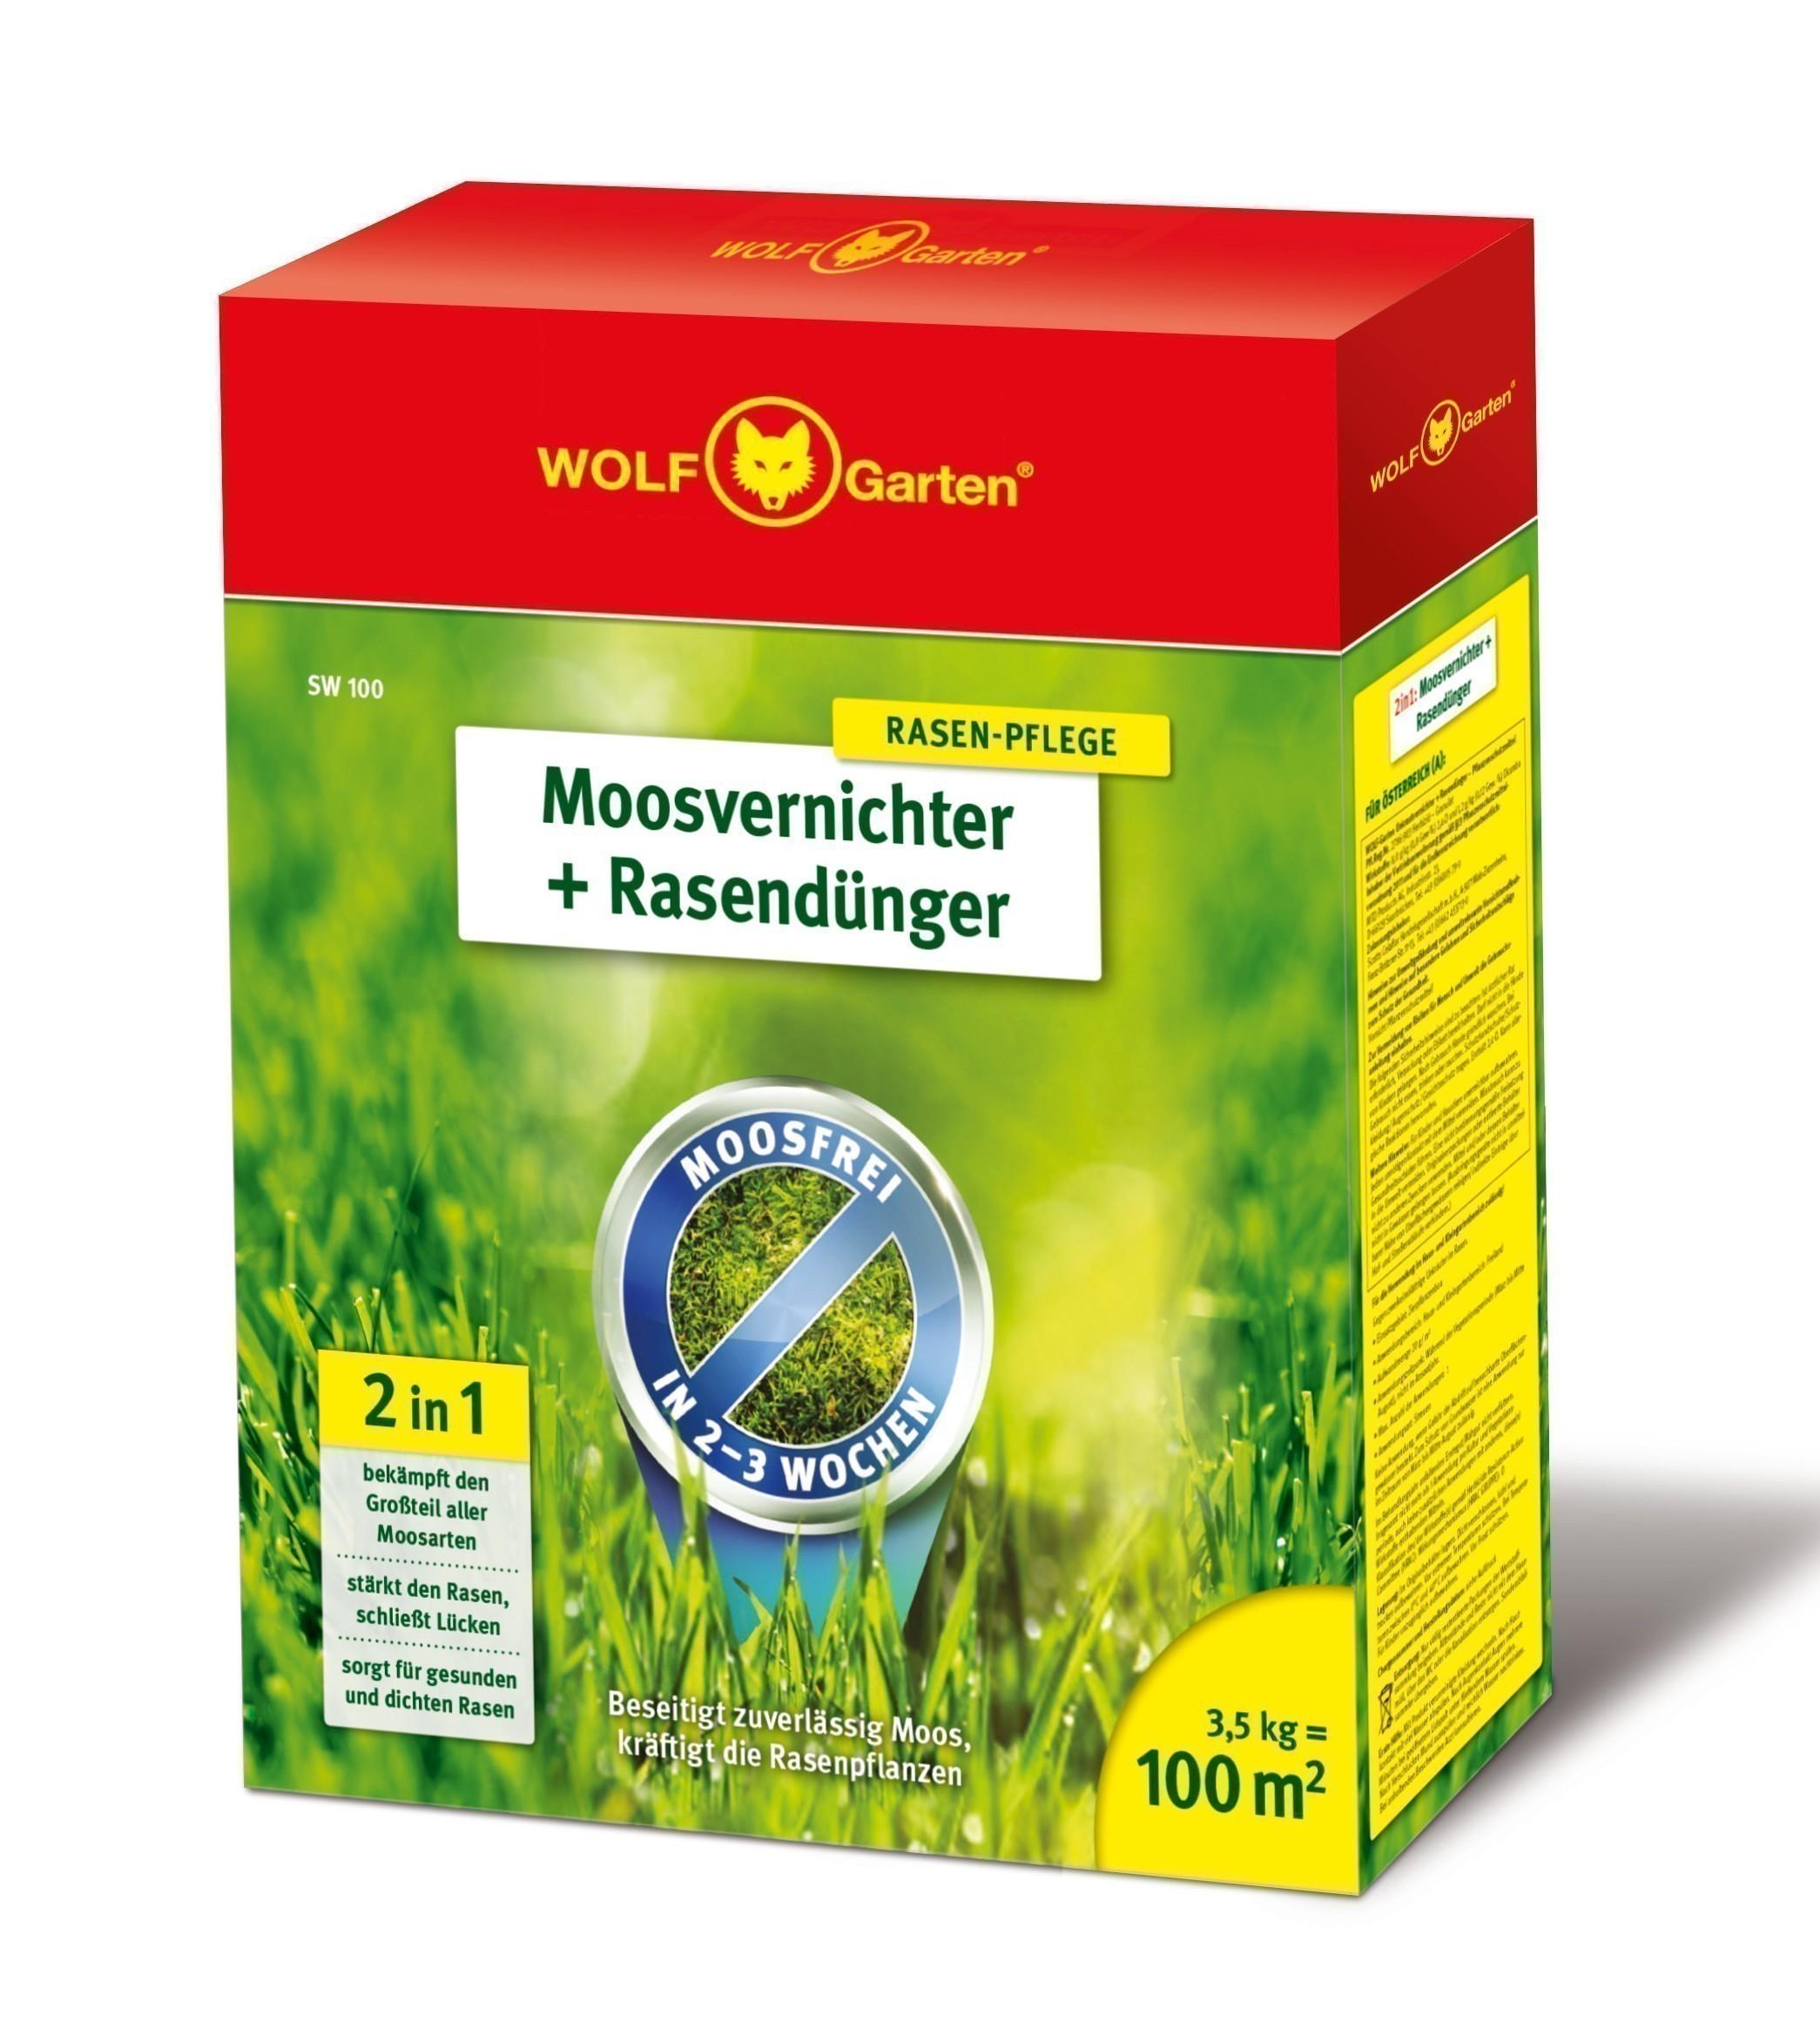 Wolf Garten 2 in 1 Moosvernichter + Rasendünger SW100 für 100m² Bild 1